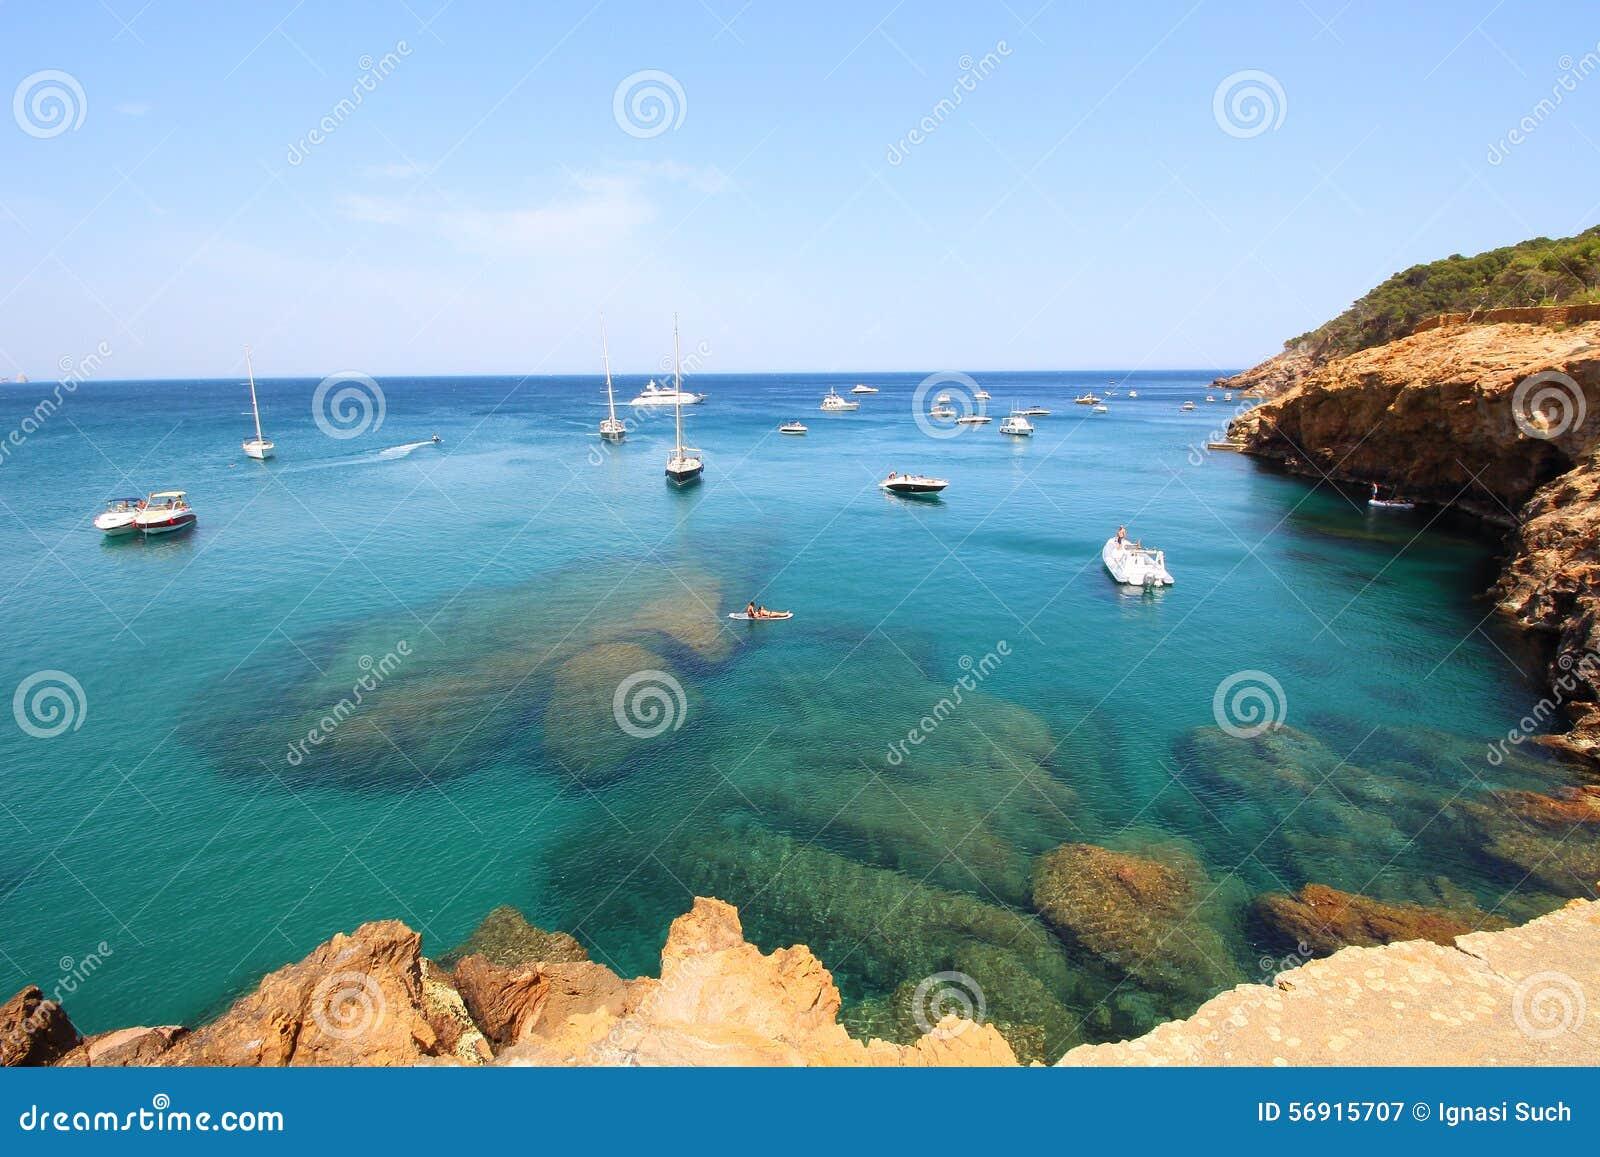 Διάφορες βάρκες πλέουν μέσω των νερών κρυστάλλου κοντά στο όμορφες χωριό και την παραλία Sa Riera